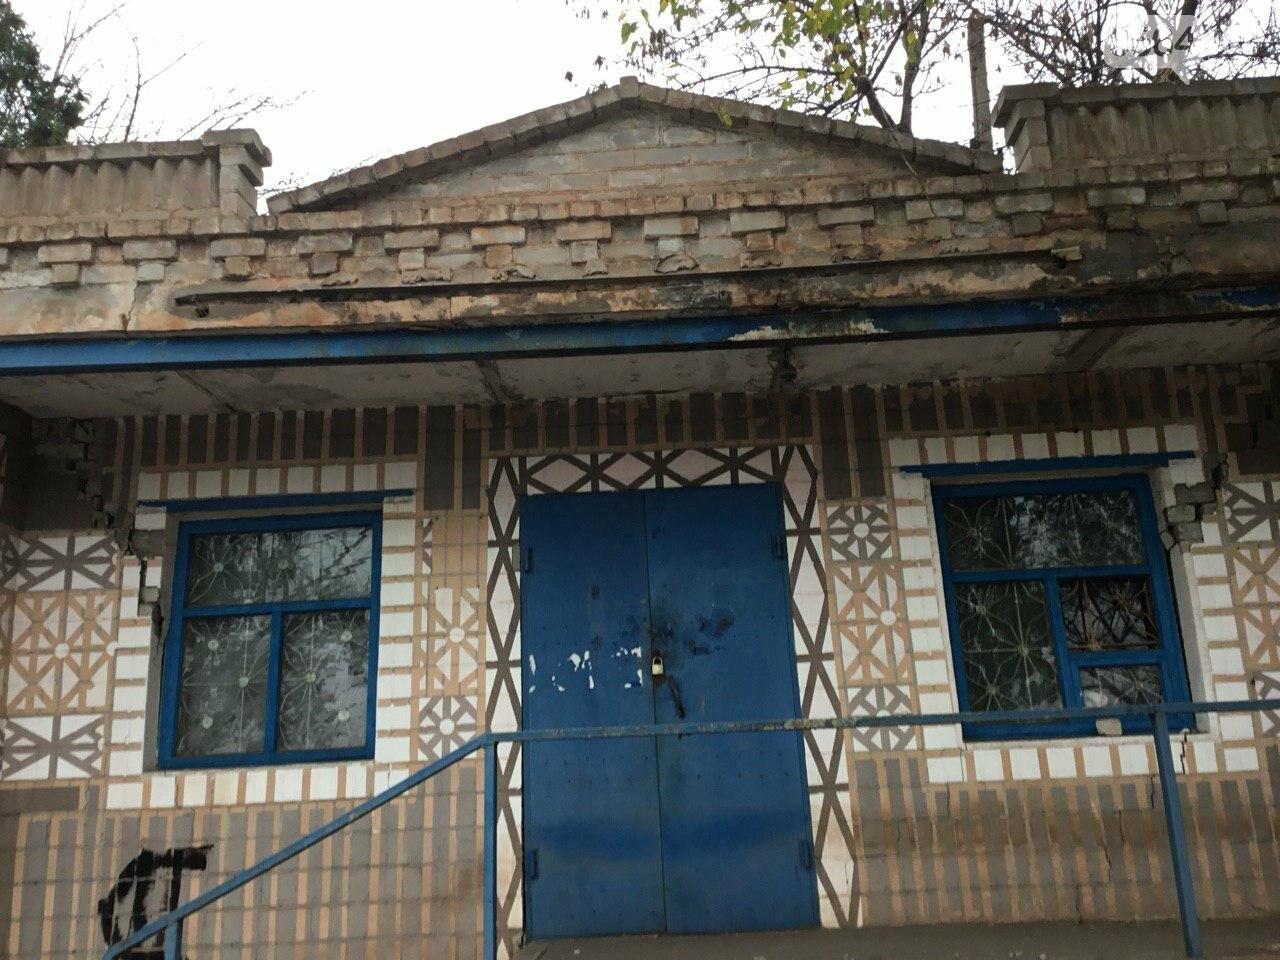 Депутат: в центре Кривого Рога 15 лет незаконно используют участок земли, - ФОТО, ВИДЕО, фото-34